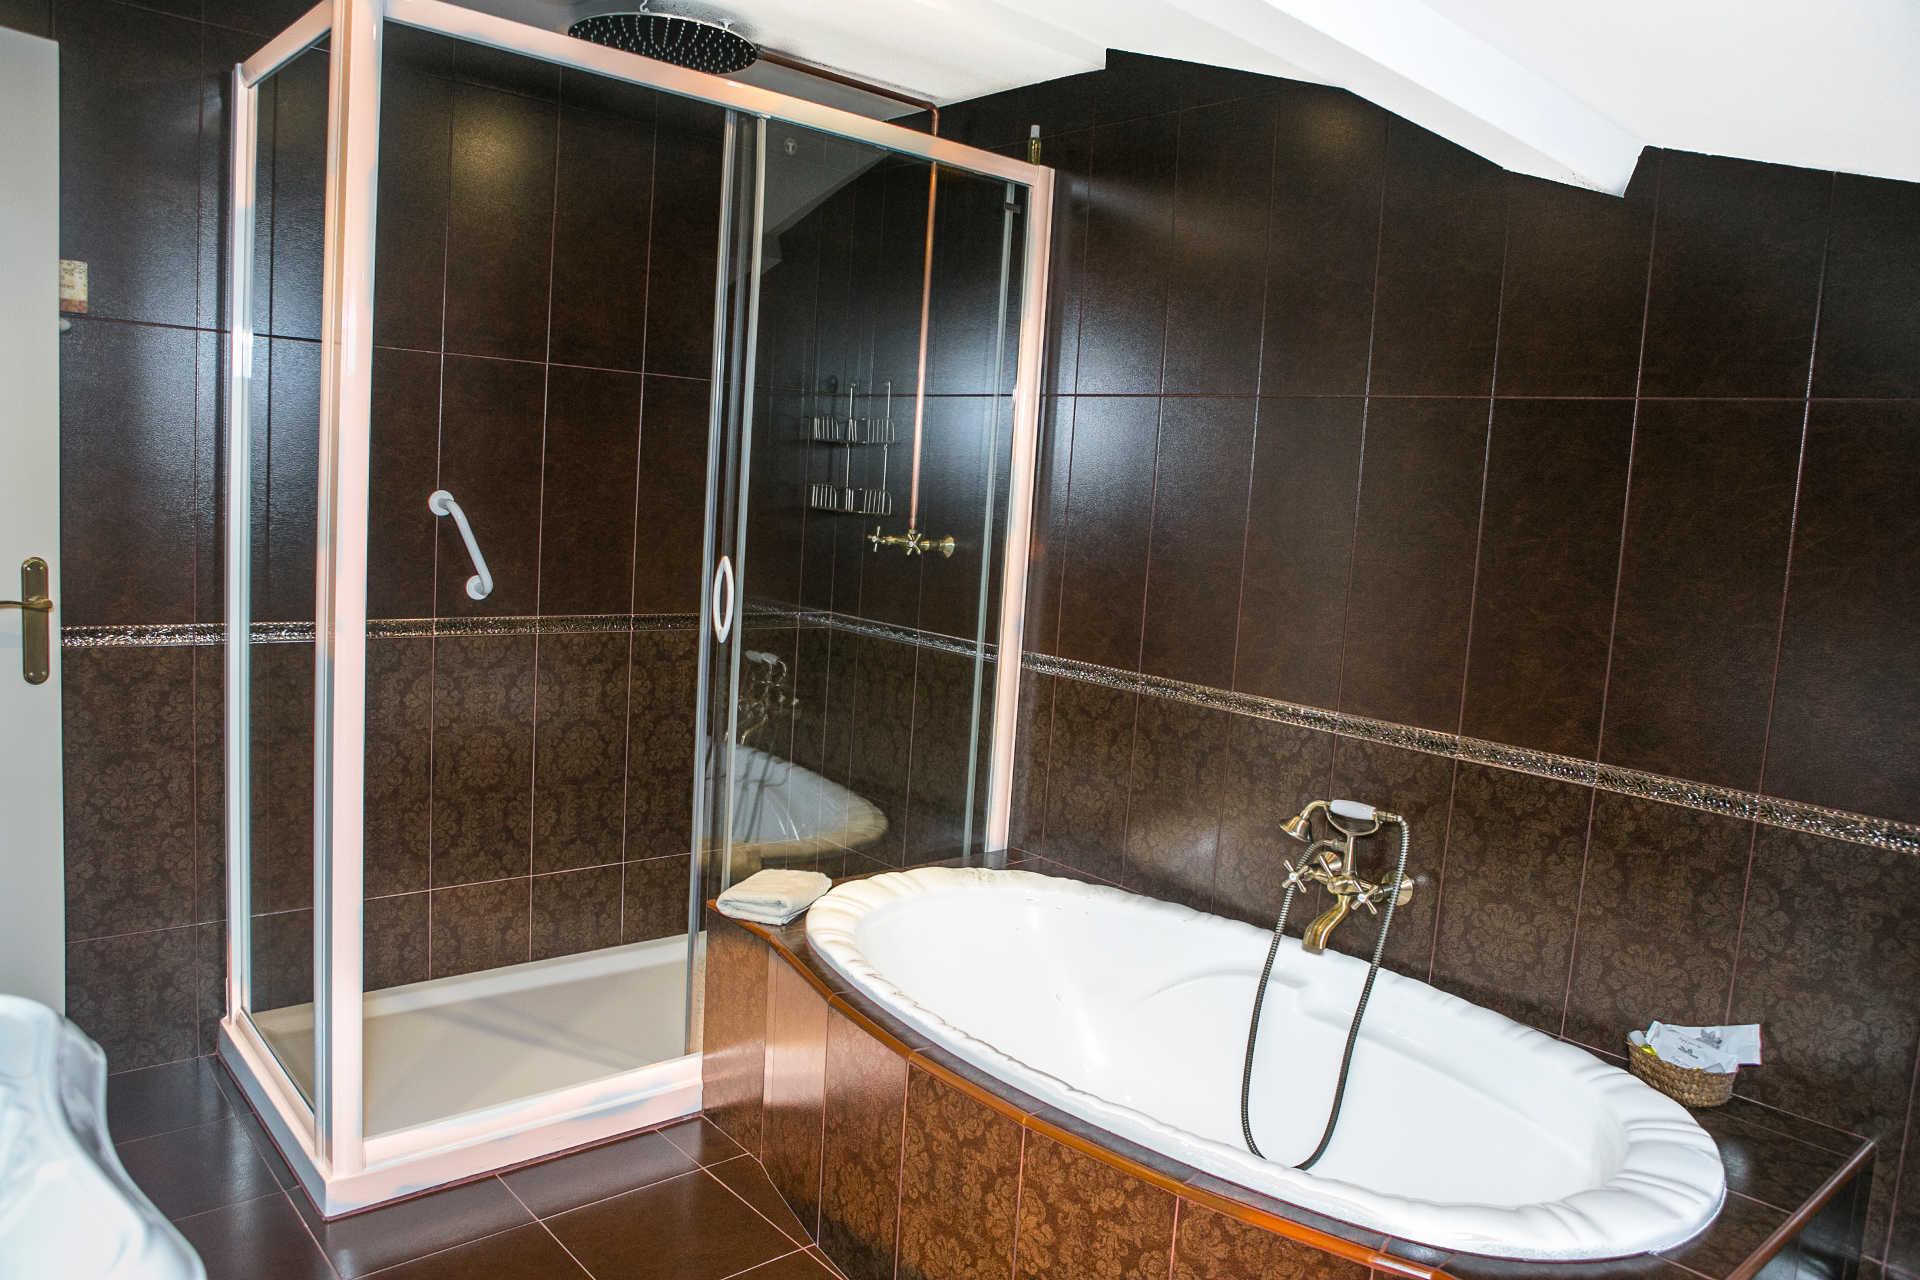 Habitacion doble Miradoiro con banera casa rural